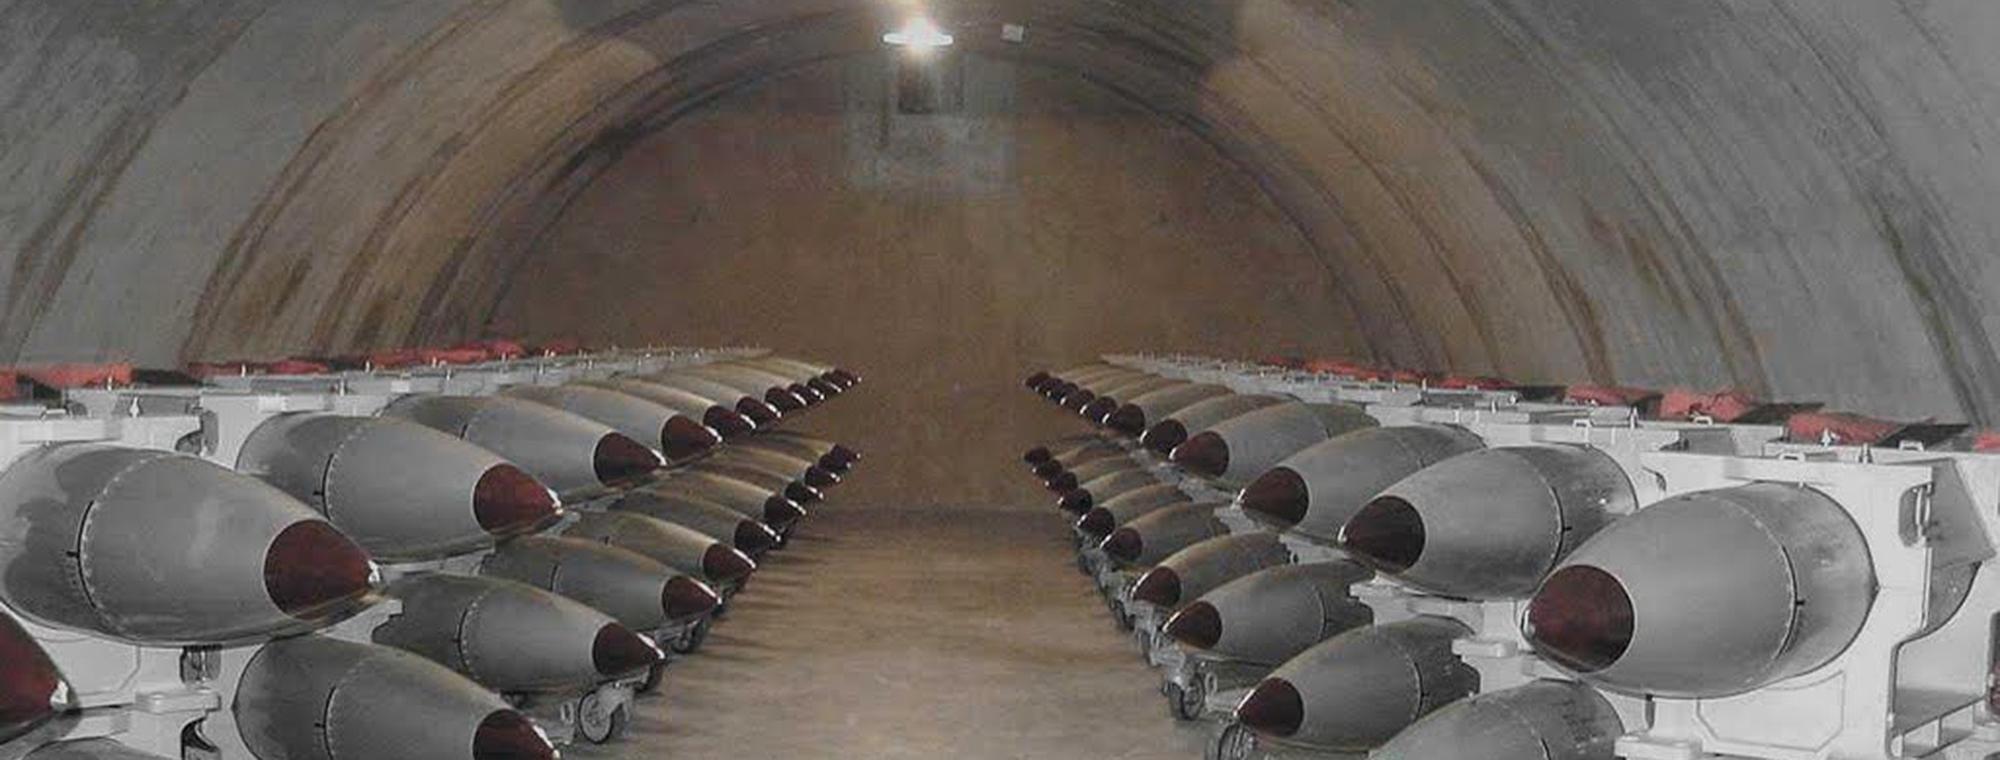 Ядерний мир: 50 років договору про нерозповсюдження ядерної зброї